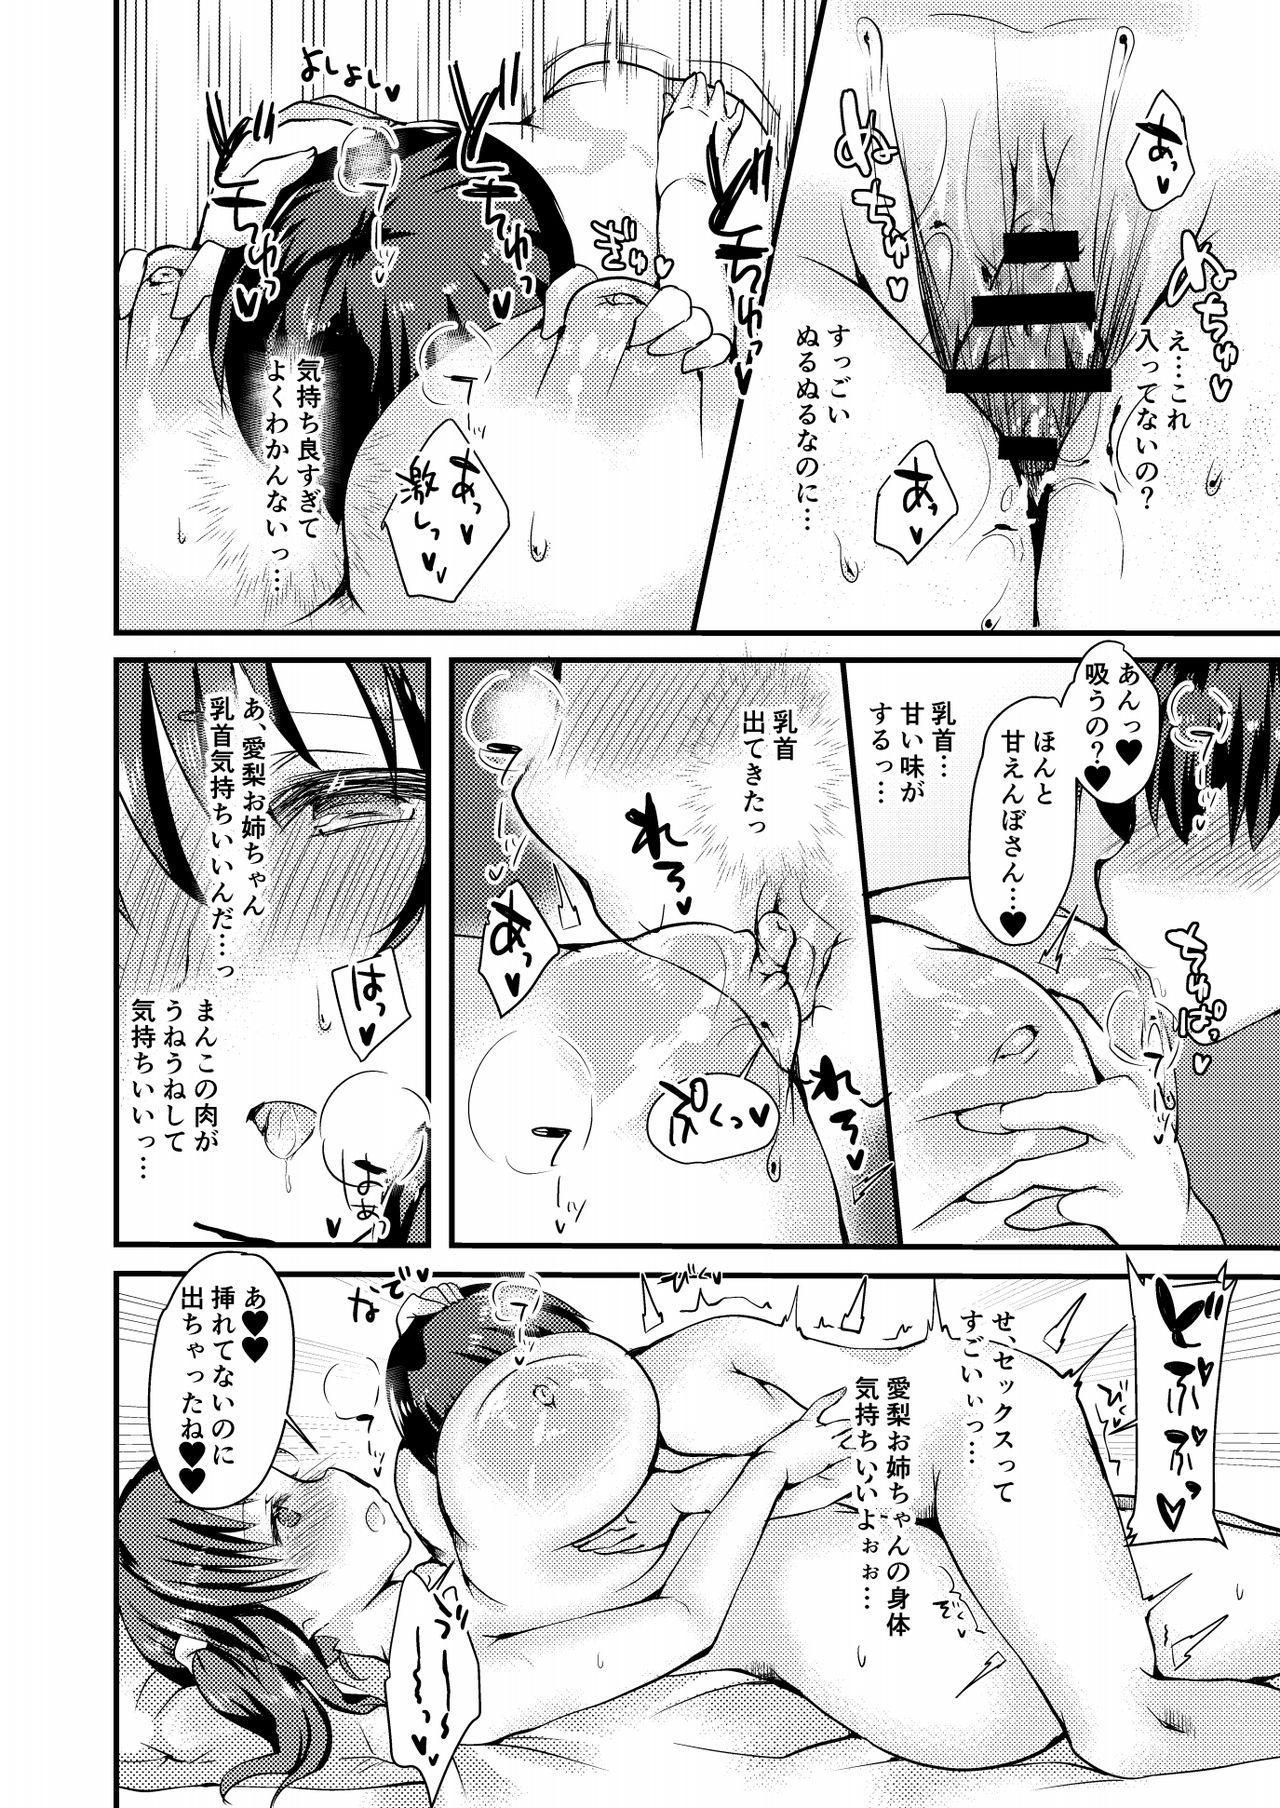 Shinseki no Onee-chan wa Totoki Airi 16